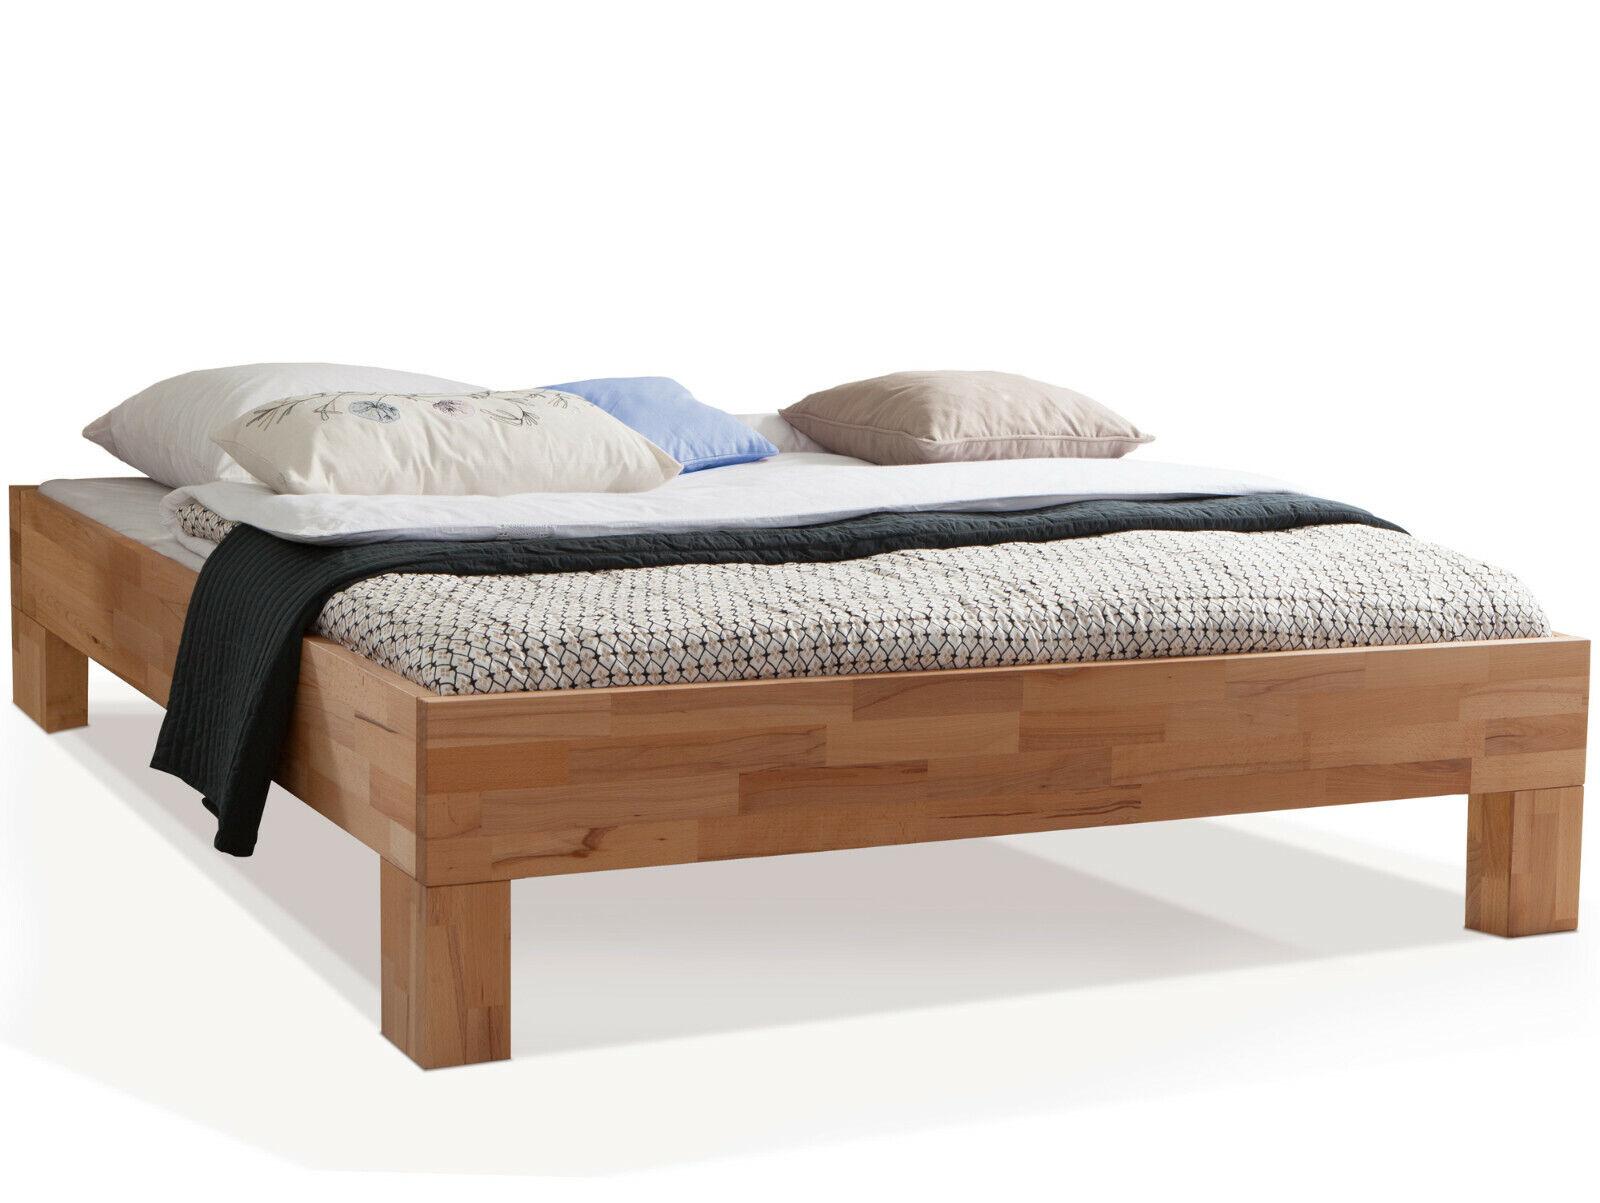 Bett Massivholzbett ohne Kopfteil LÖWEN Wildeiche oder Buche ...